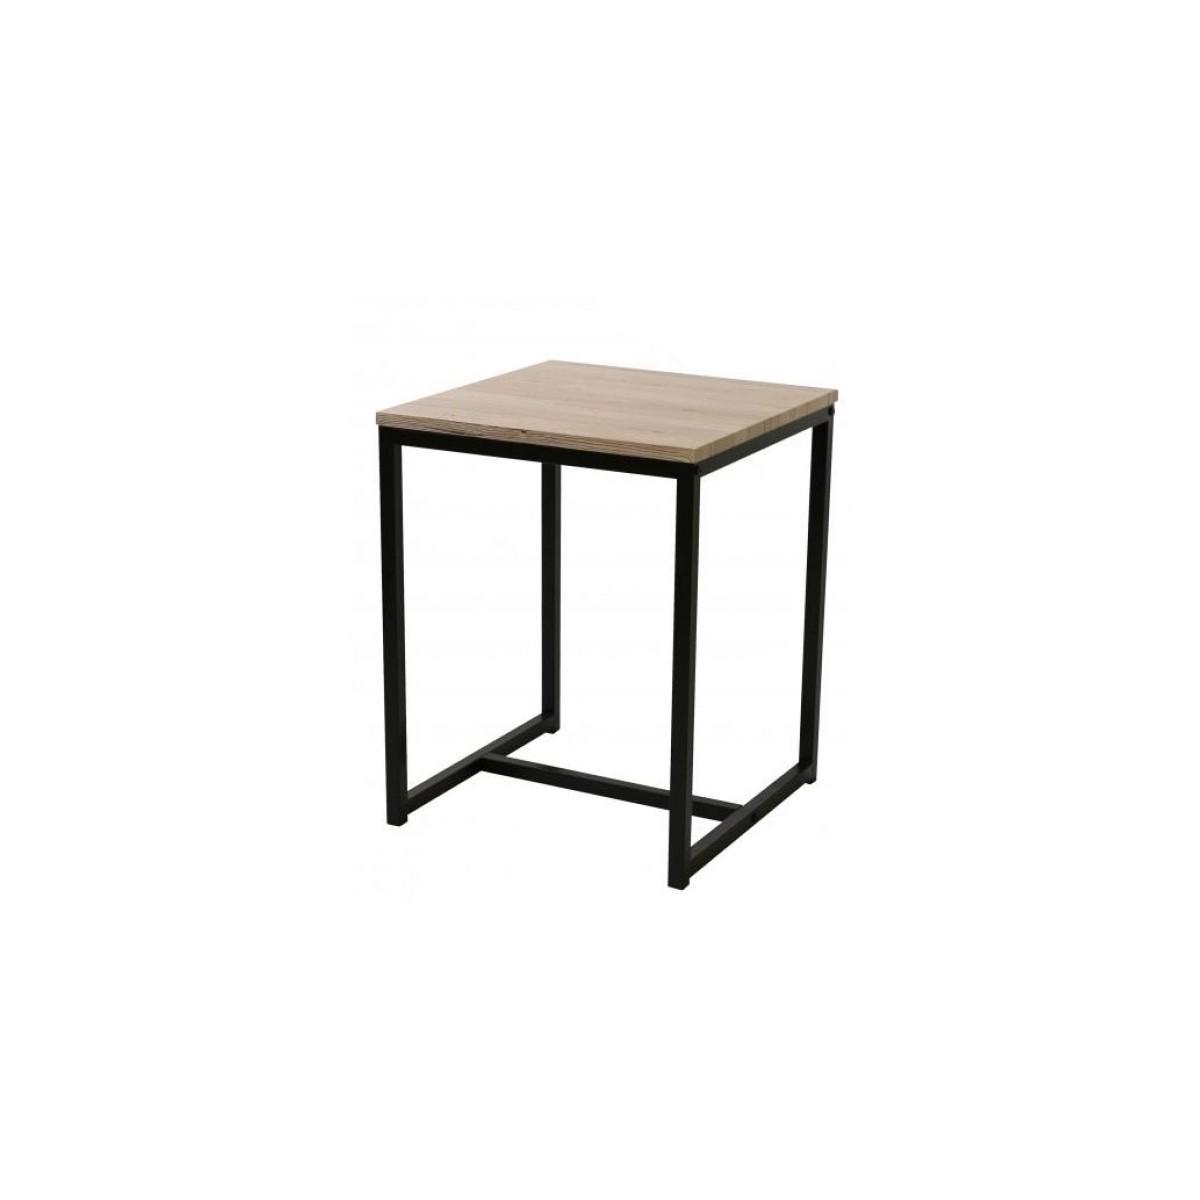 Table de chevet en métal noir et bois